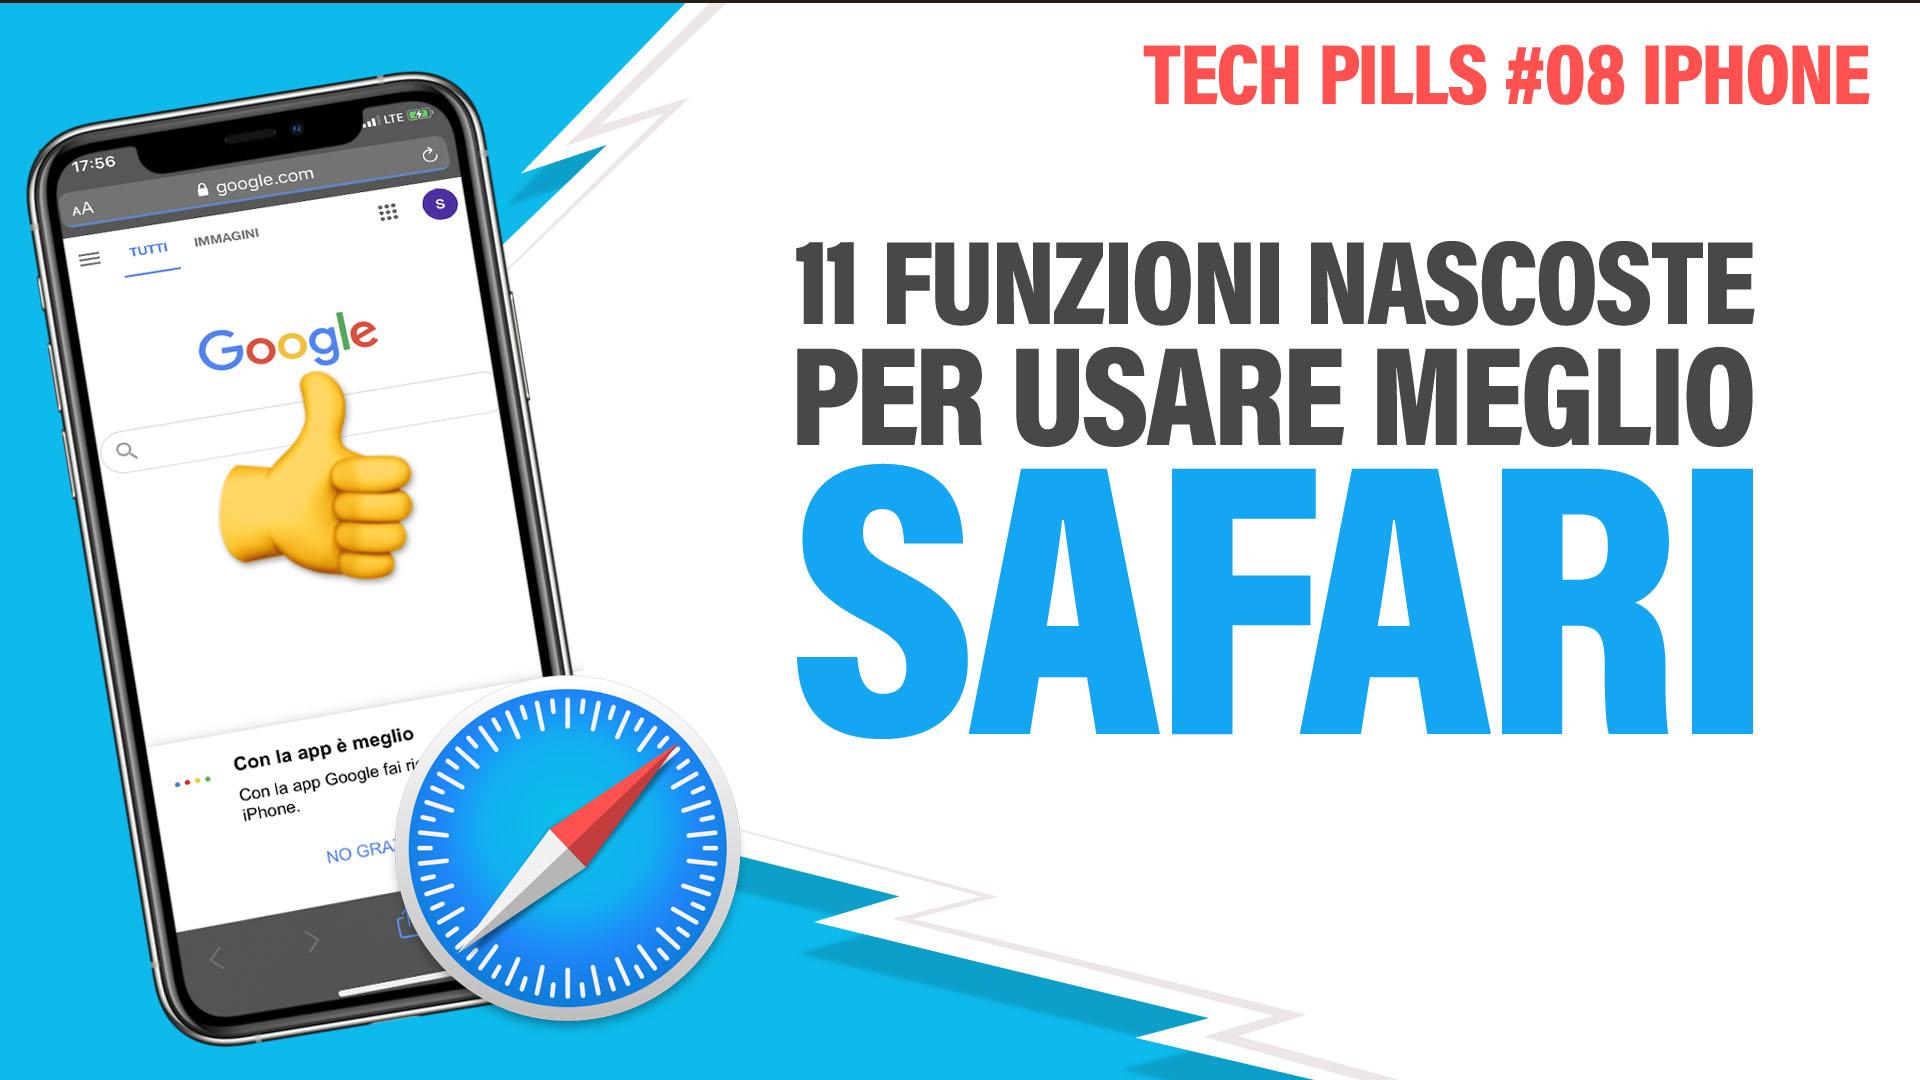 Iphone 11 Funzioni Nascoste Per Usare Meglio Safari Why Tech